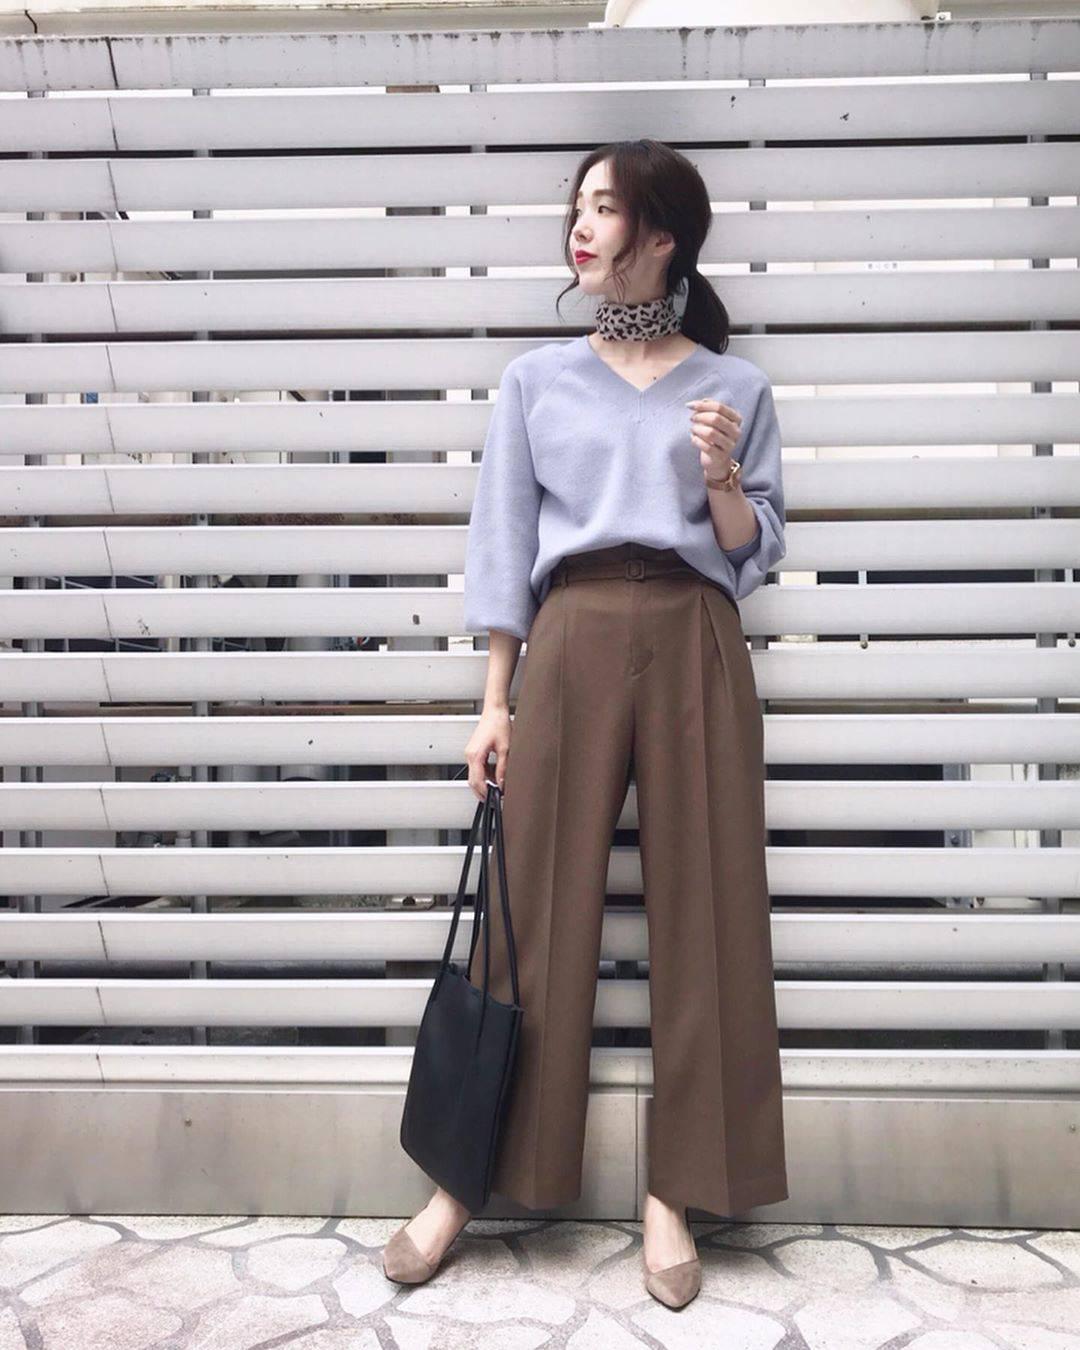 最高気温18度・最低気温15度 hikari_k0122の服装